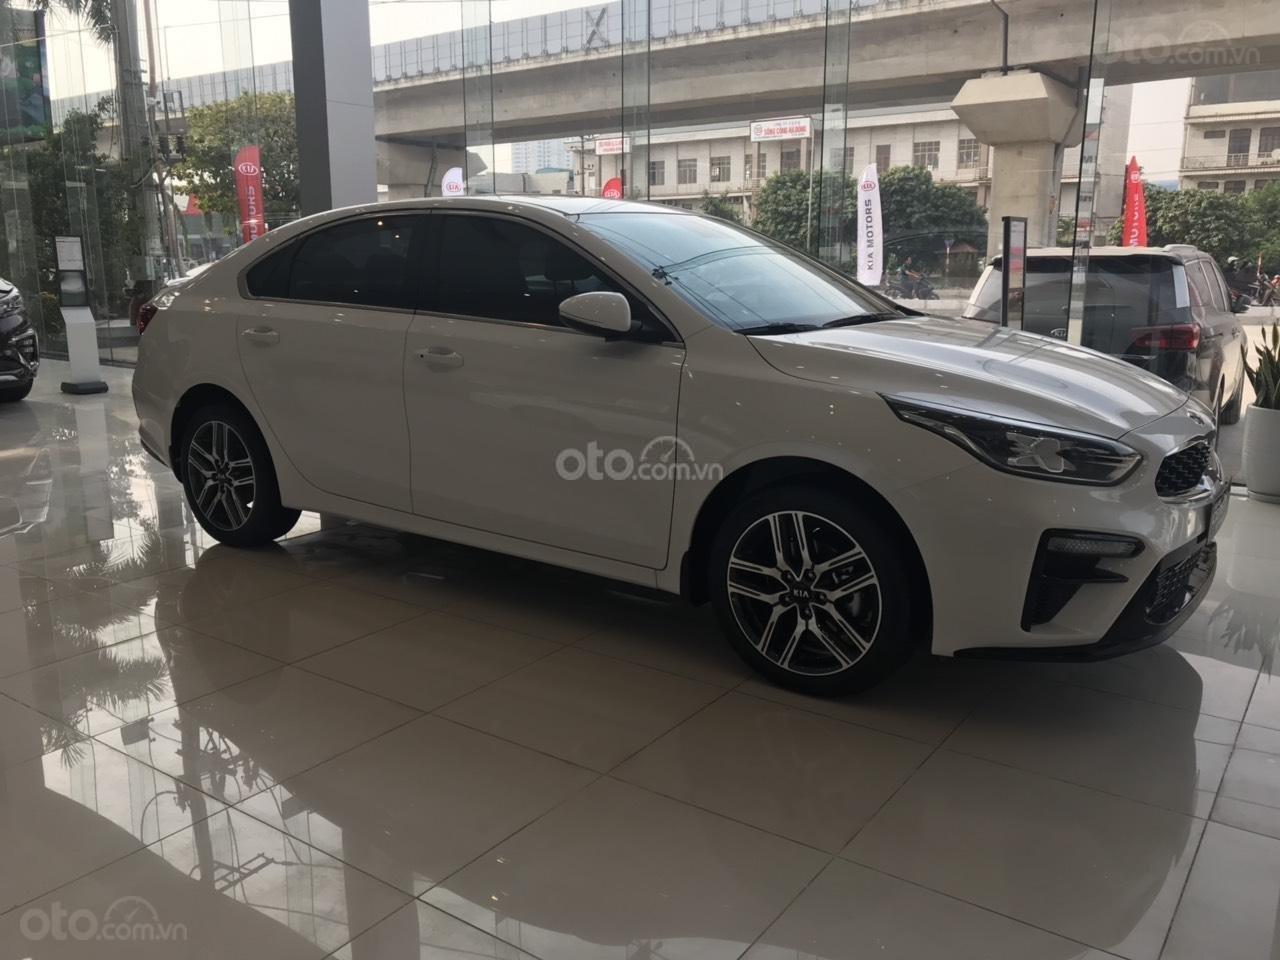 Cần bán chiếc xe Kia Cerato, 2019, màu trắng, giá cực kì hấp dẫn (3)